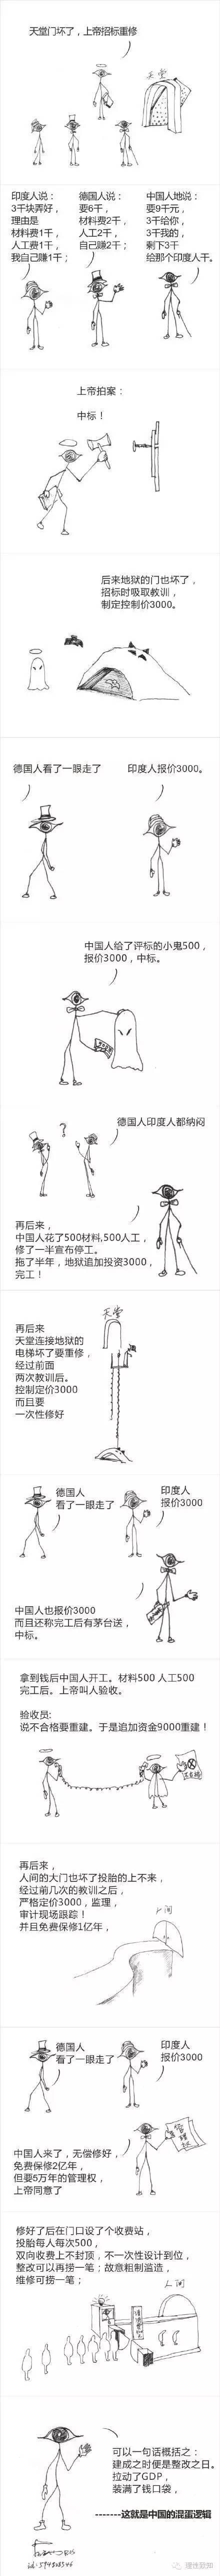 中国式思维——三大混蛋逻辑